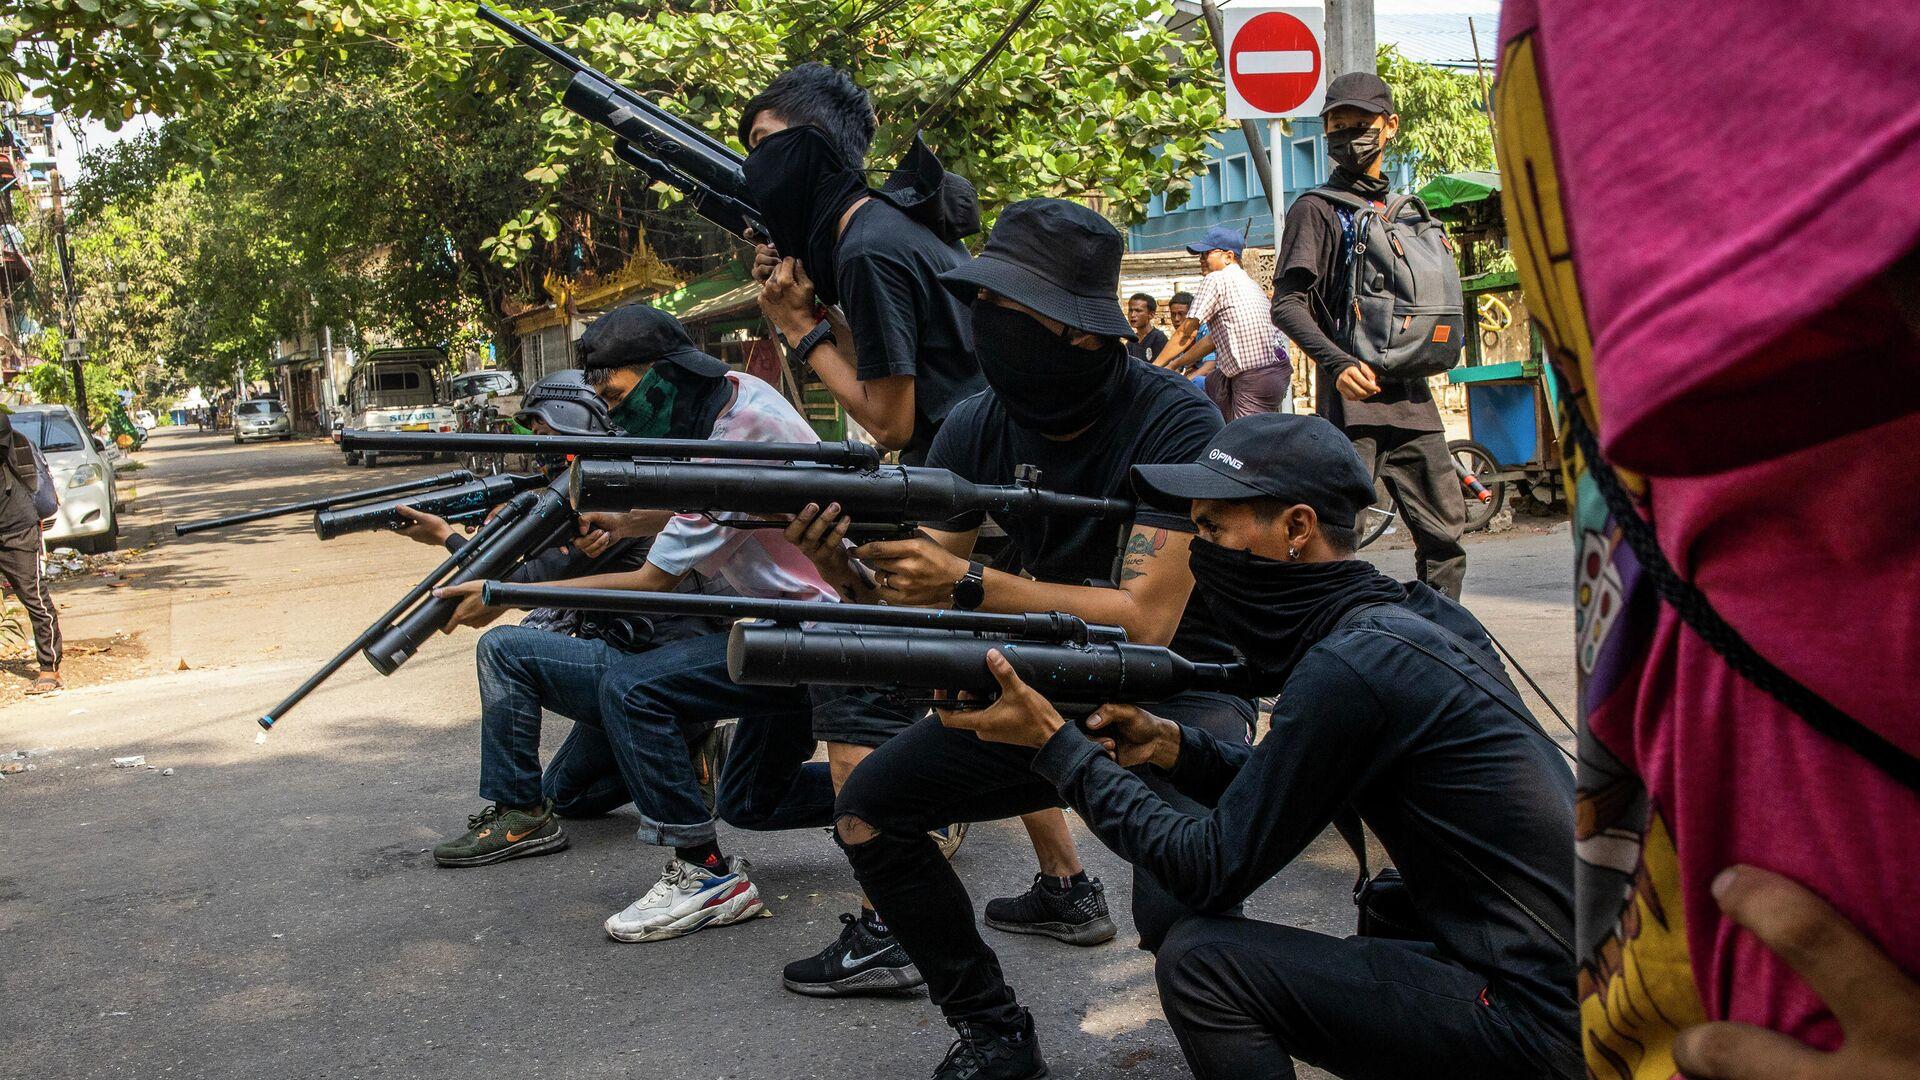 Протестующие против военного переворота с самодельными пневматическими винтовками в Янгоне, Мьянма - РИА Новости, 1920, 22.04.2021